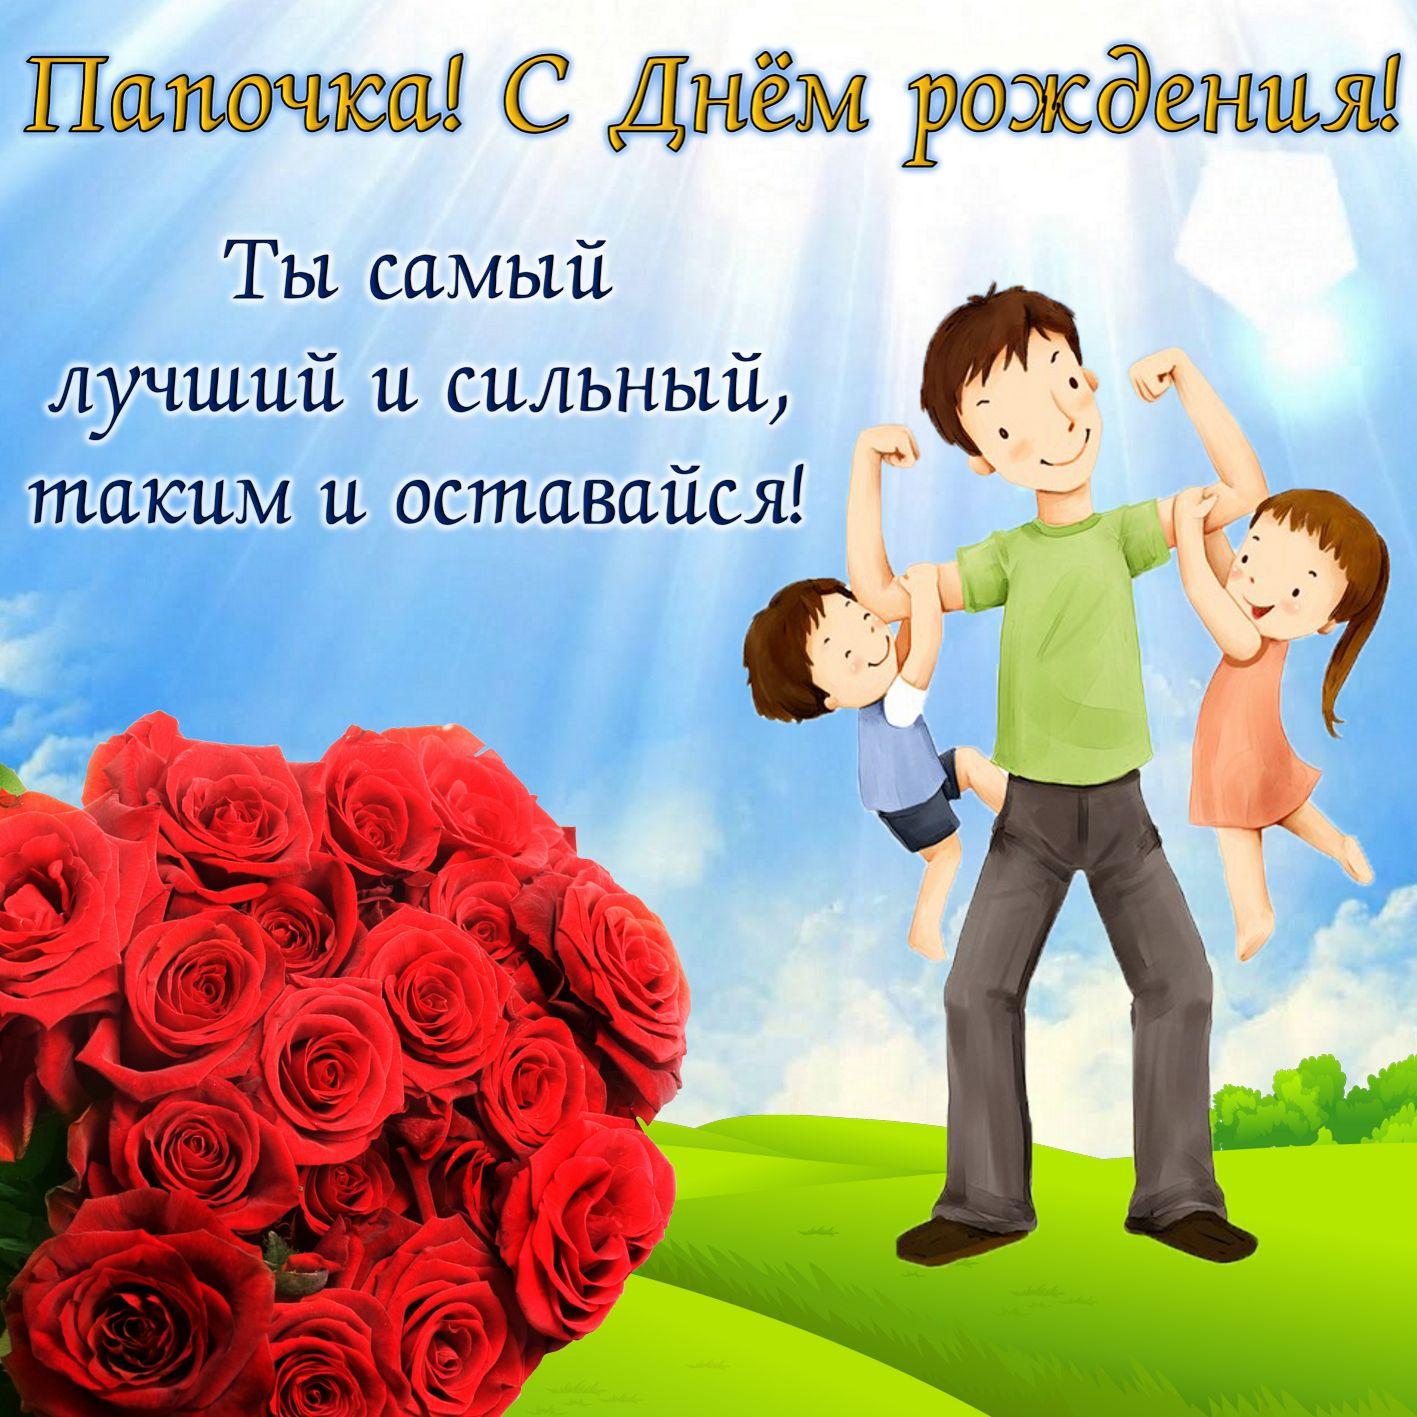 С днем рождения папочка картинки от сына, доброй ночи